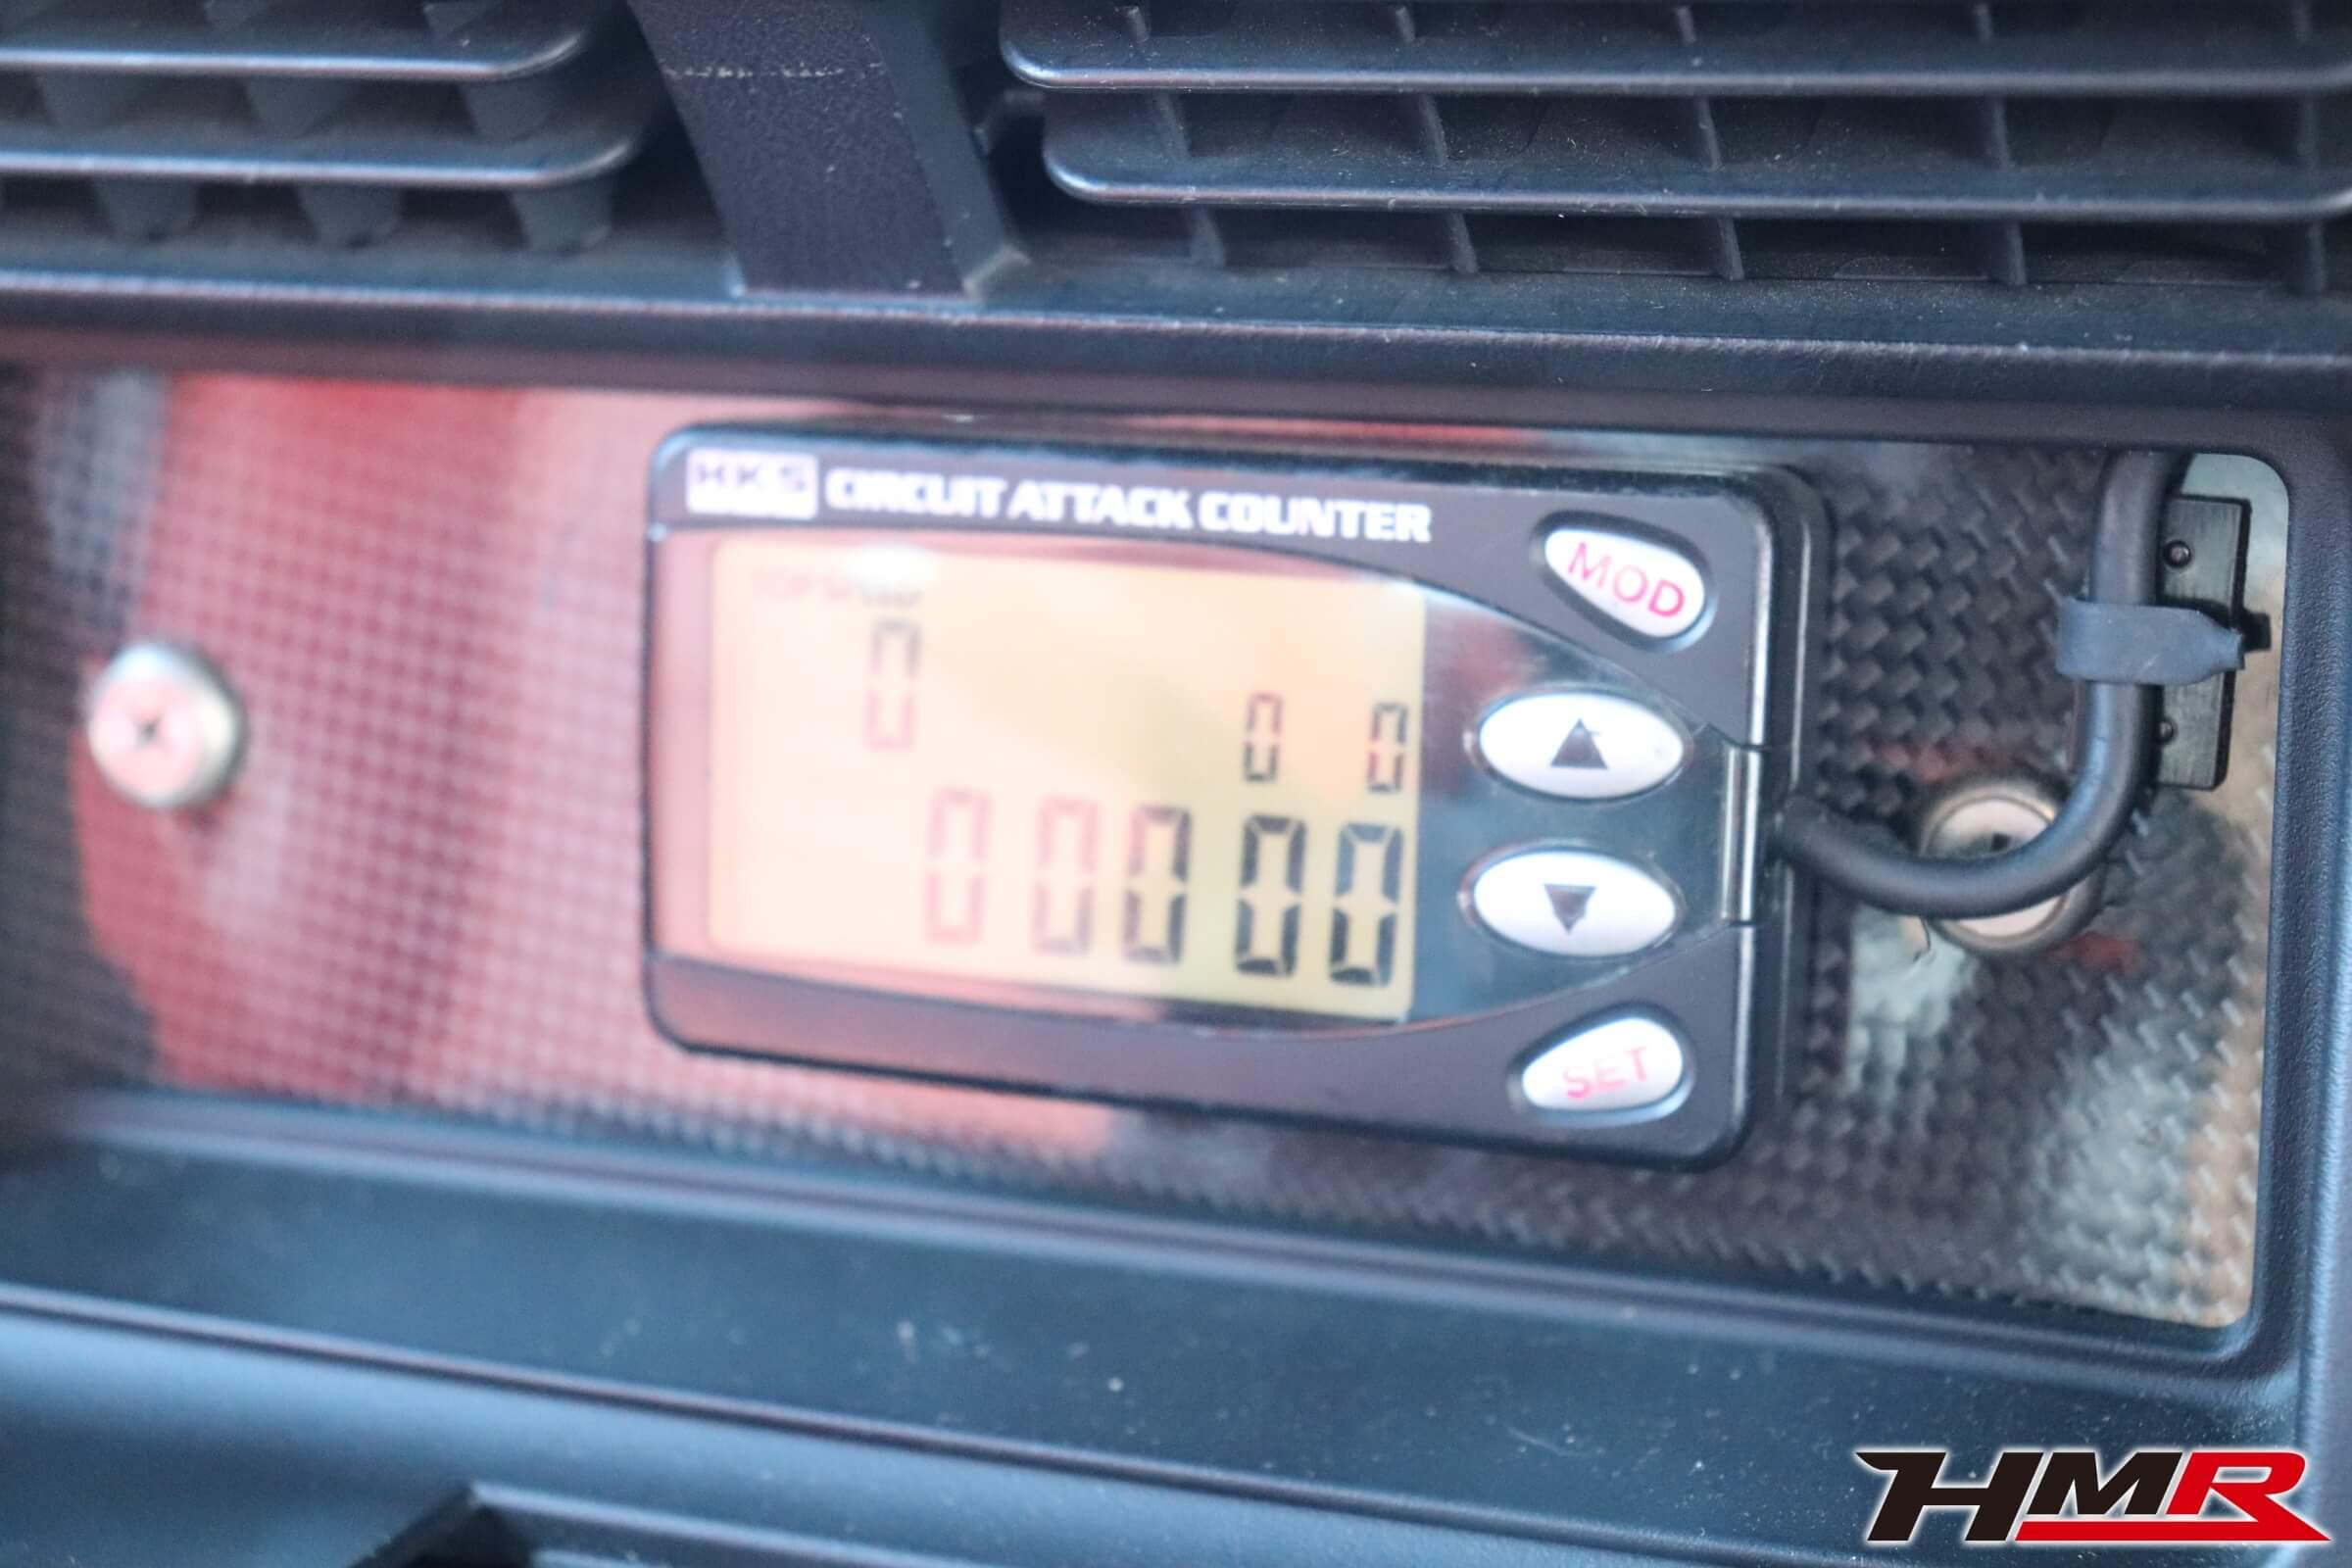 S2000(AP1)HKSサーキットアタックカウンター